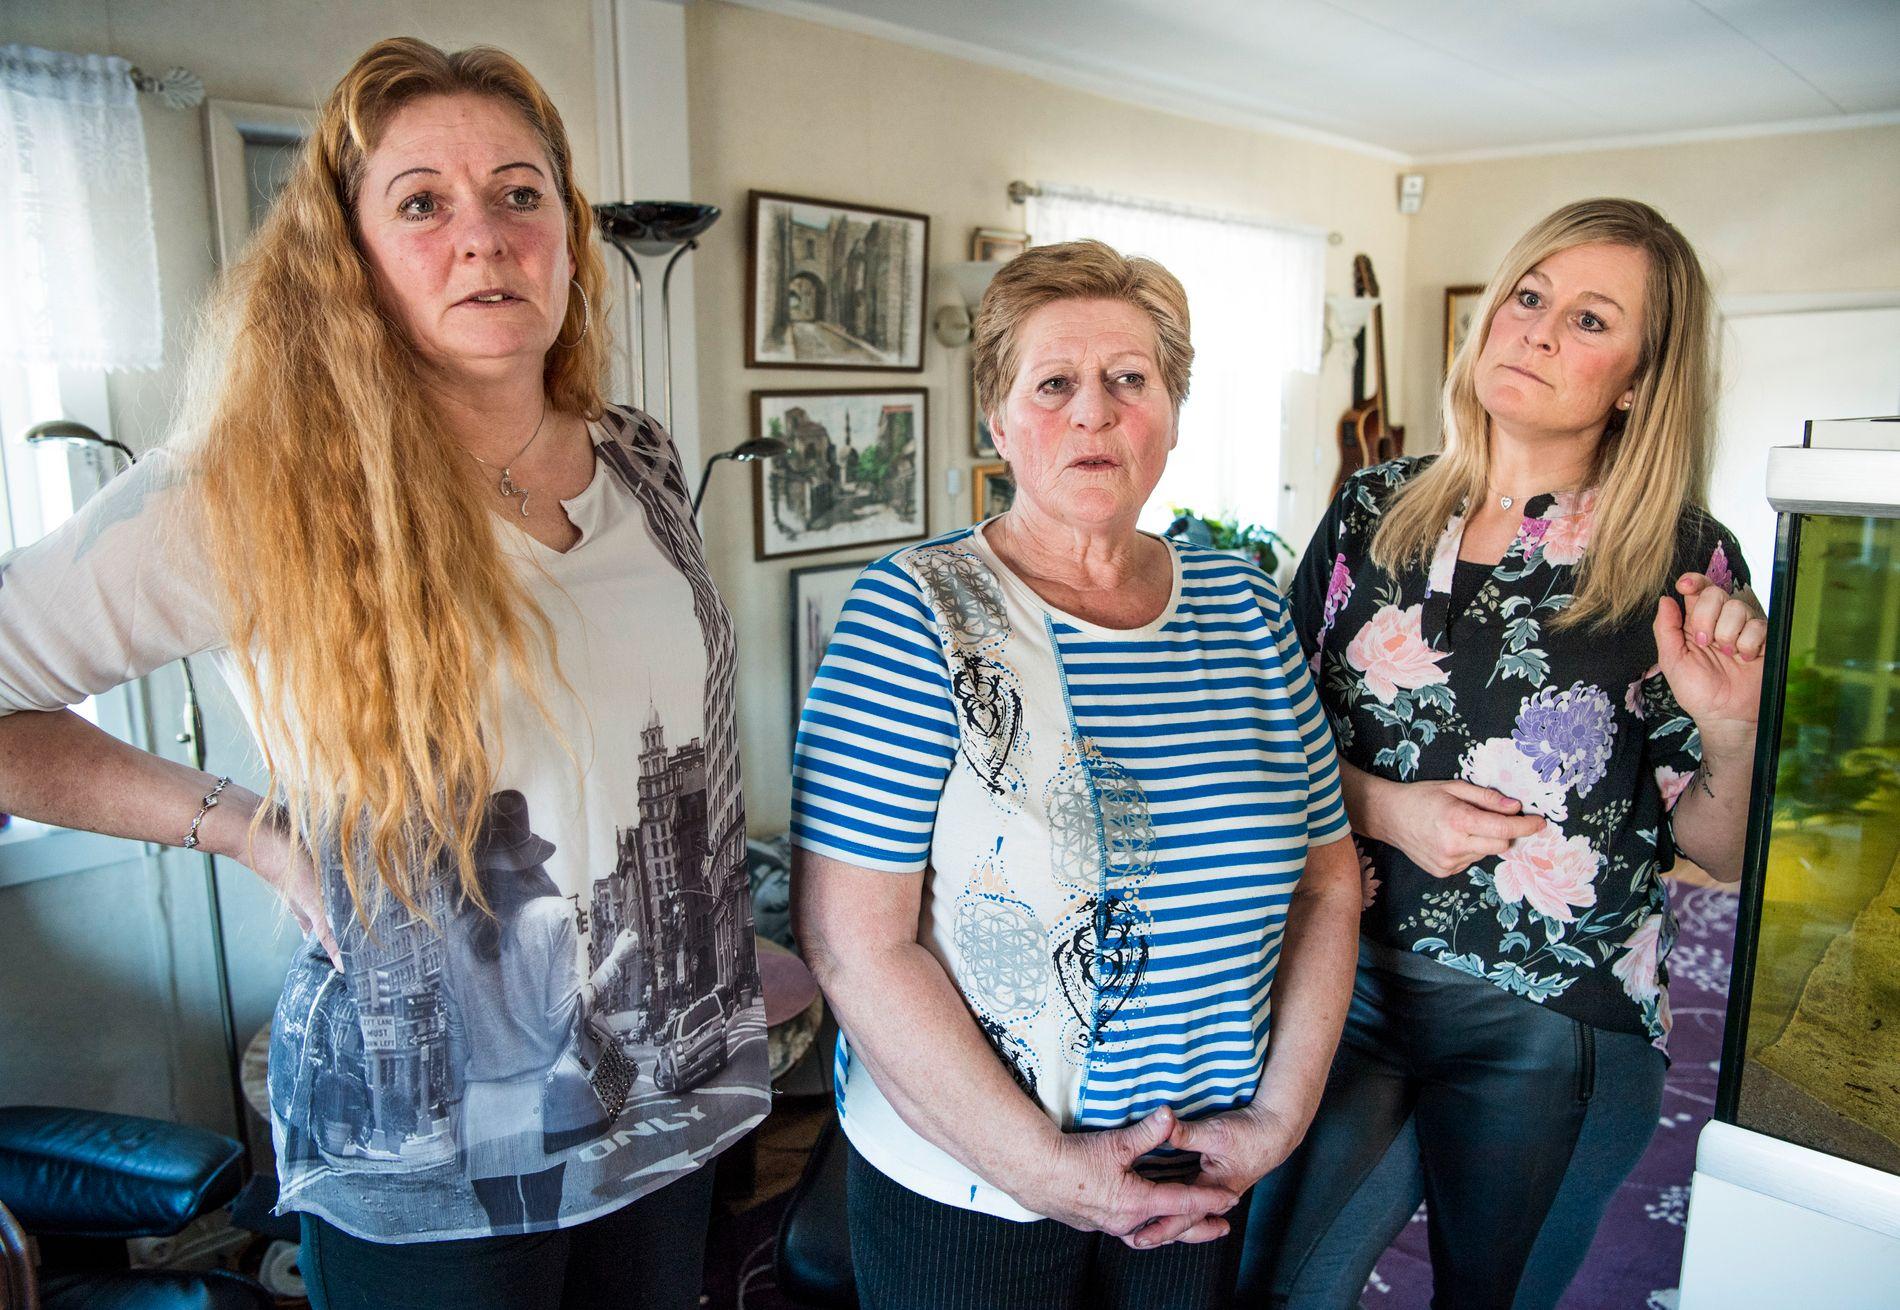 FORTVILET: Heidi Anita (til venstre), Berit og Mona Viola mener ektemann og pappa Stein ikke får tilstrekkelig oppfølging på Sykehuset Østfold. Nå planlegger de en formell klage til sykehusledelsen.